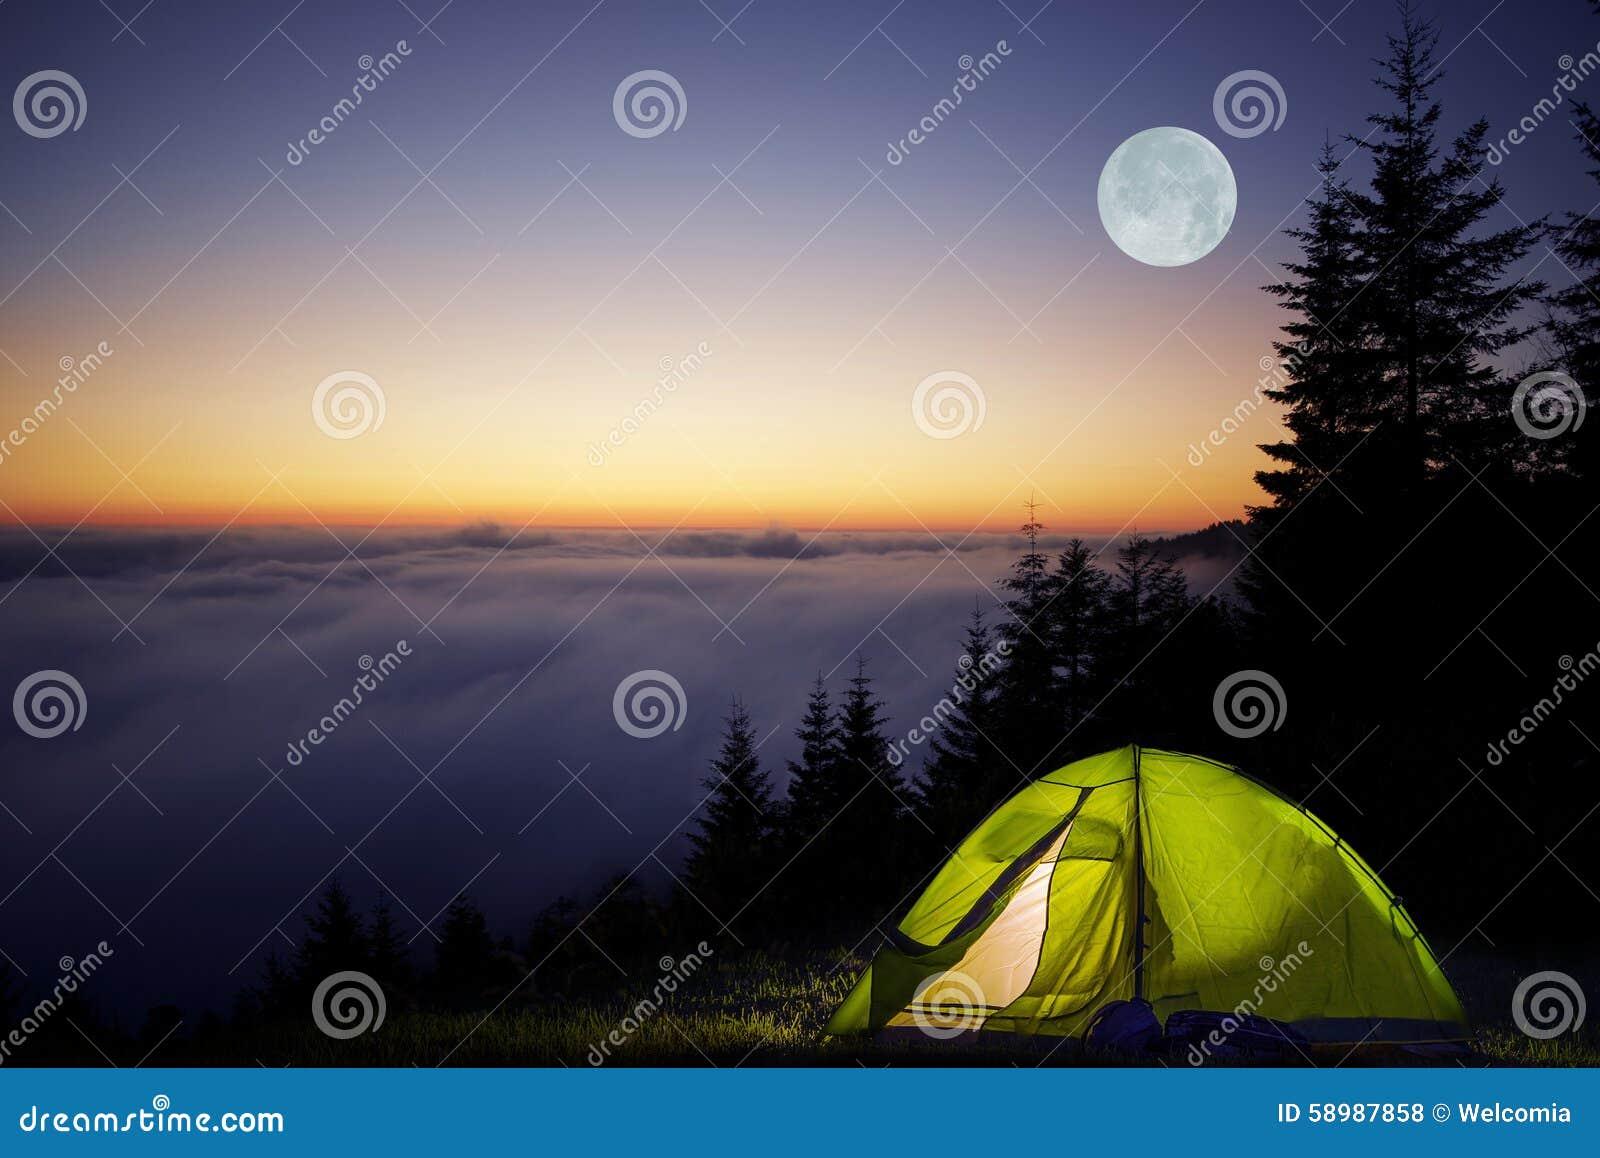 野营在森林里的帐篷